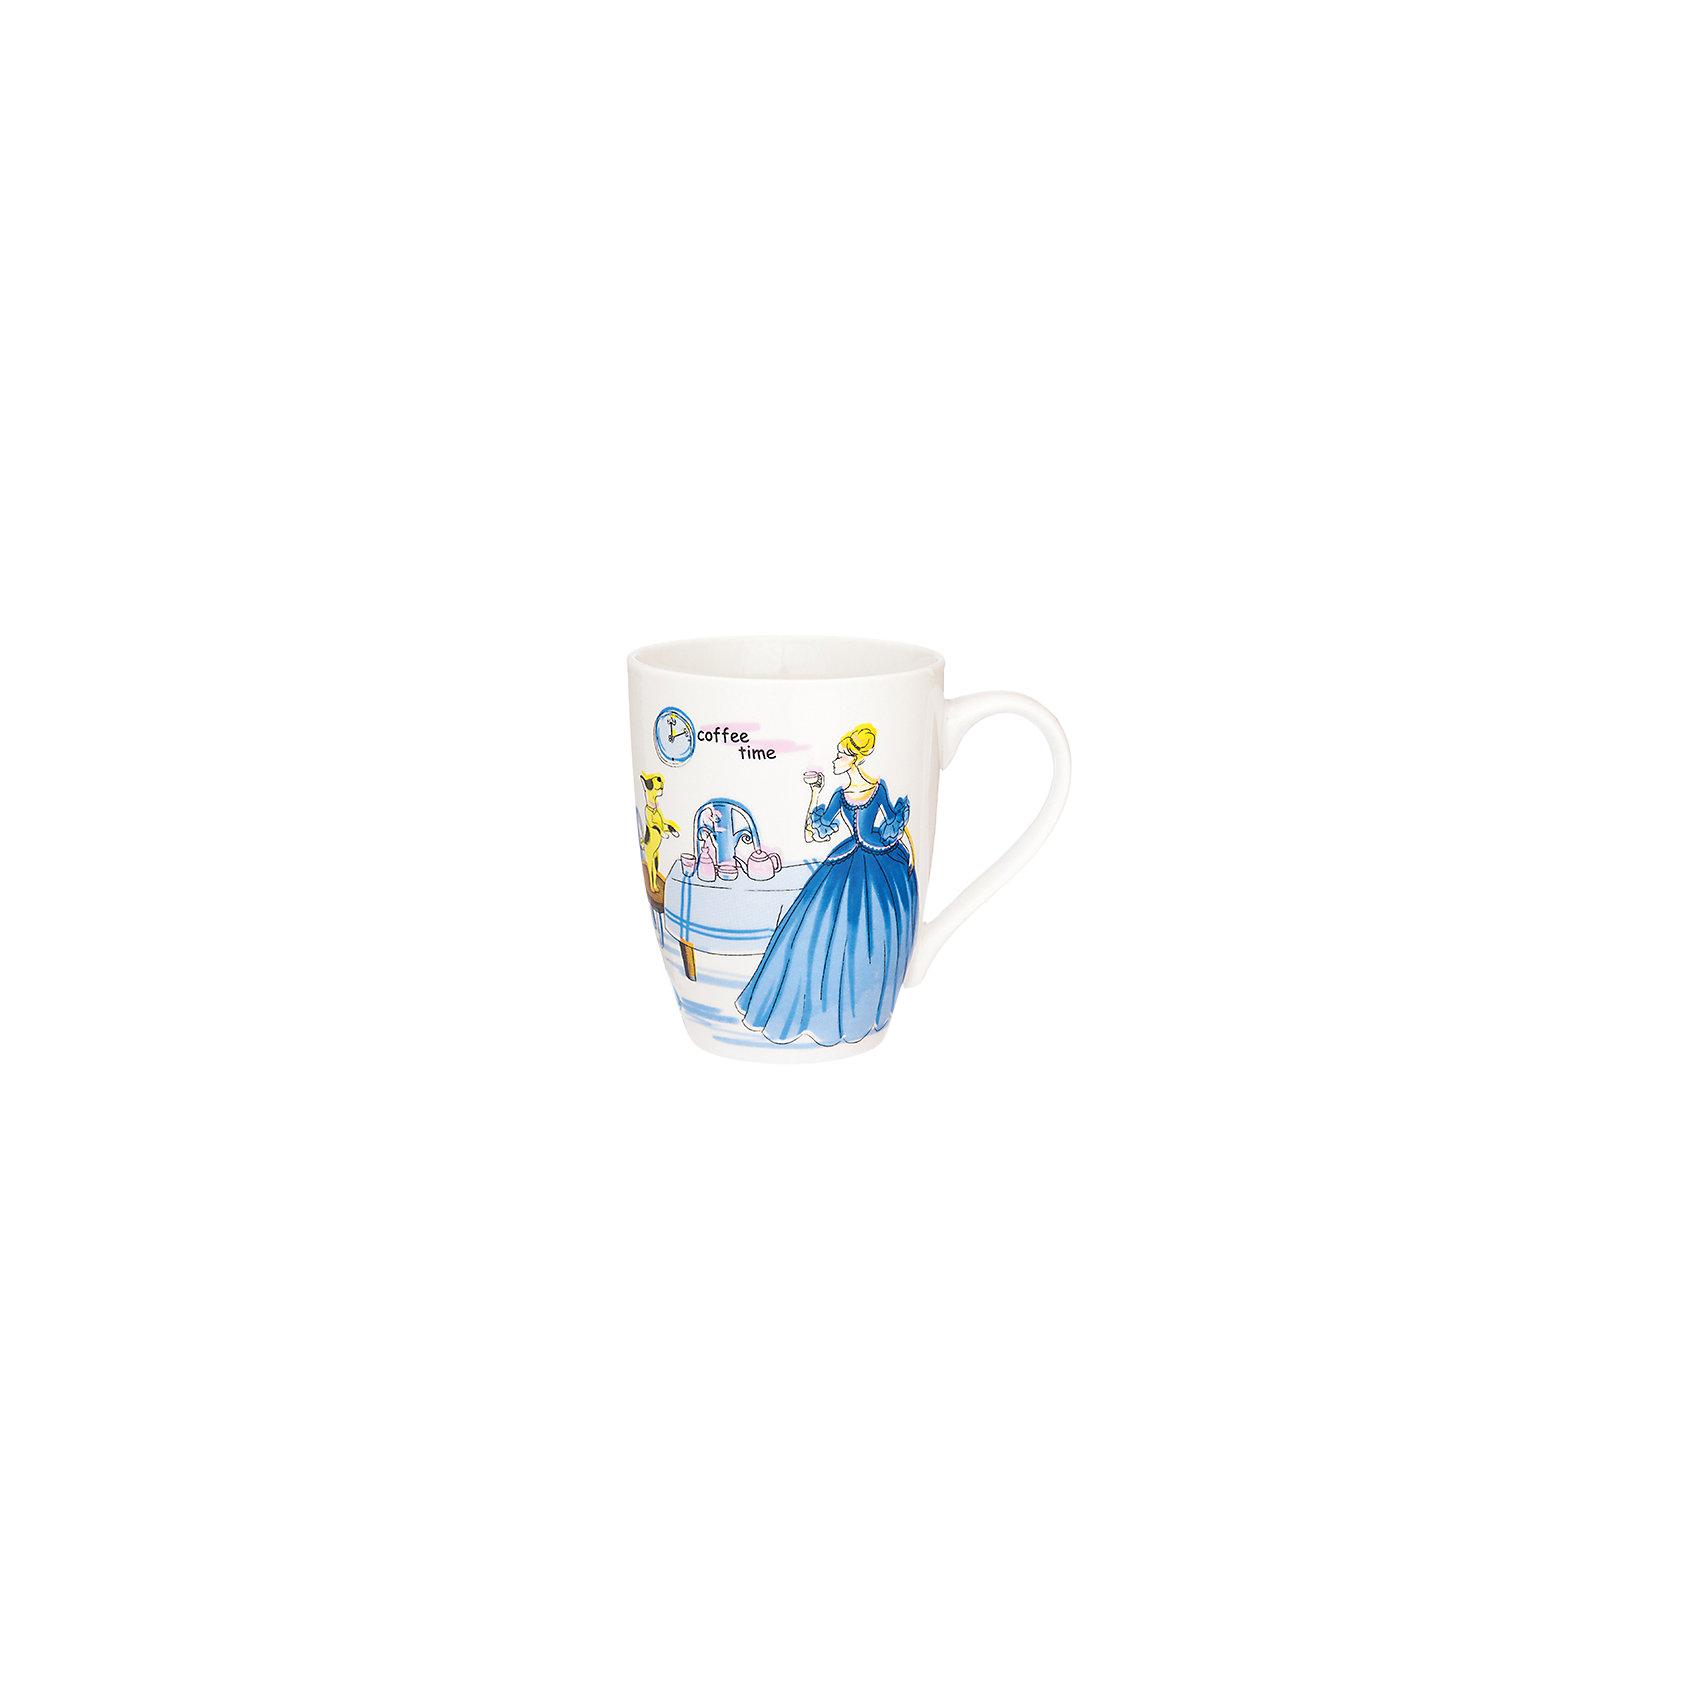 Кружка 370 мл Модница синяя, Elan GalleryПосуда<br>Характеристики товара:<br><br>• цвет: мульти<br>• материал: фарфор <br>• размер: 11,5 х 8 х 10 см<br>• вес: 270 г<br>• объем: 370 мл<br>• упаковка: подарочная коробка<br>• декорирована рисунком<br>• легко мыть<br>• удобная ручка<br>• для любых горячих и холодных напитков<br>• стильный дизайн<br>• страна бренда: Российская Федерация<br>• страна производства: Китай<br><br>Такая симпатичная кружка не только приятно выглядит, пить из неё - одно удовольствие! Благодаря универсальному дизайну и расцветке предмет хорошо будет смотреться в помещении. <br><br>Эта кружка может стать отличным приобретением для дома или подарком для любителей красивых и оригинальных вещей. <br><br>Бренд Elan Gallery - это красивые и практичные товары для дома с современным дизайном. Они добавляют в жильё уюта и комфорта! <br><br>Кружку 370 мл Модница синяя, Elan Gallery можно купить в нашем интернет-магазине.<br><br>Ширина мм: 103<br>Глубина мм: 86<br>Высота мм: 107<br>Вес г: 267<br>Возраст от месяцев: 0<br>Возраст до месяцев: 1188<br>Пол: Унисекс<br>Возраст: Детский<br>SKU: 6668865